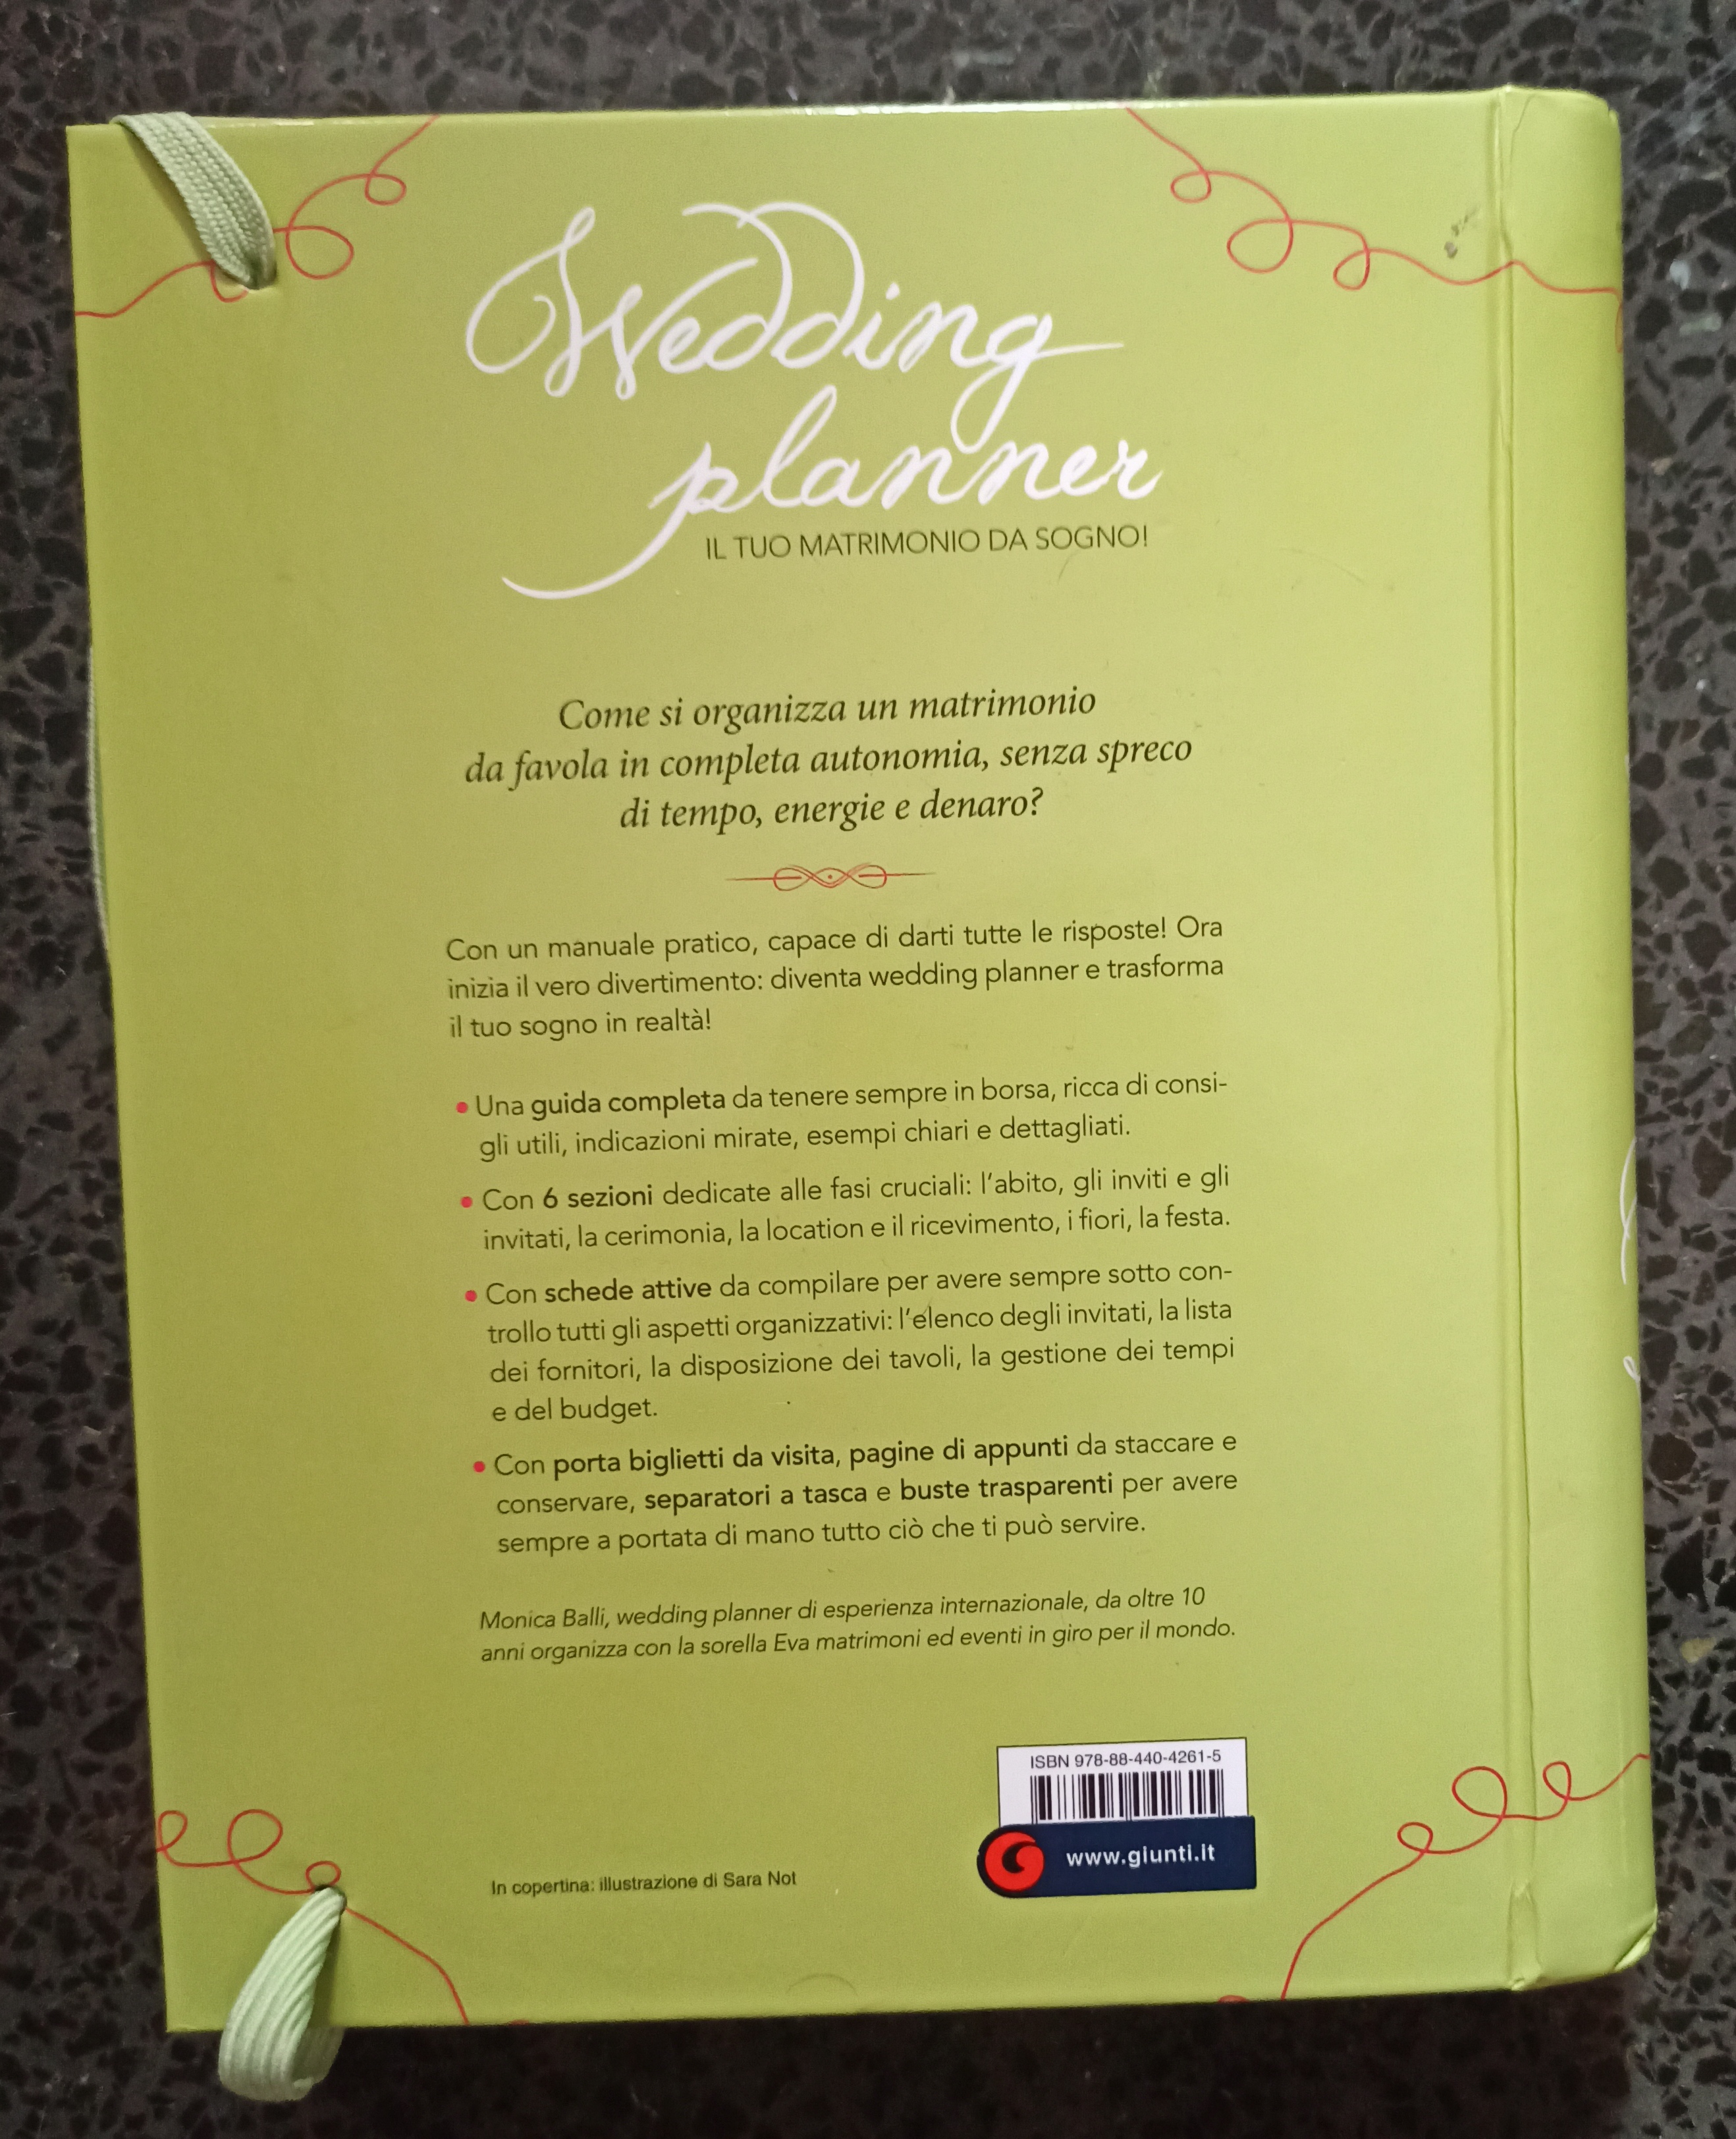 recensione wedding planner